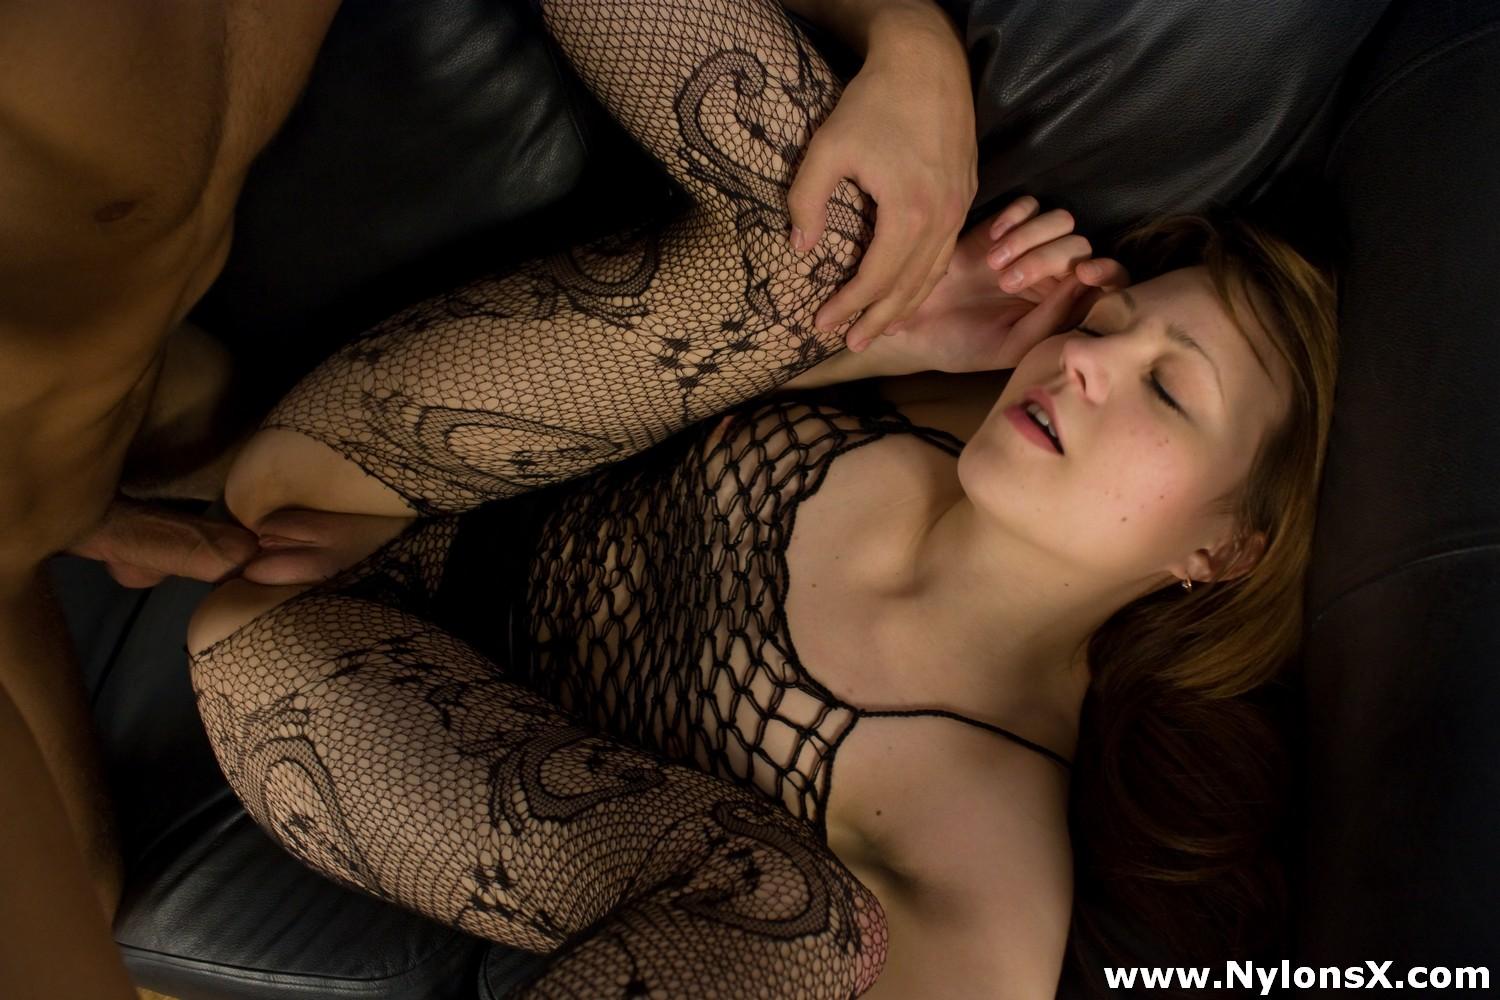 Секс нейлон онлайн 14 фотография